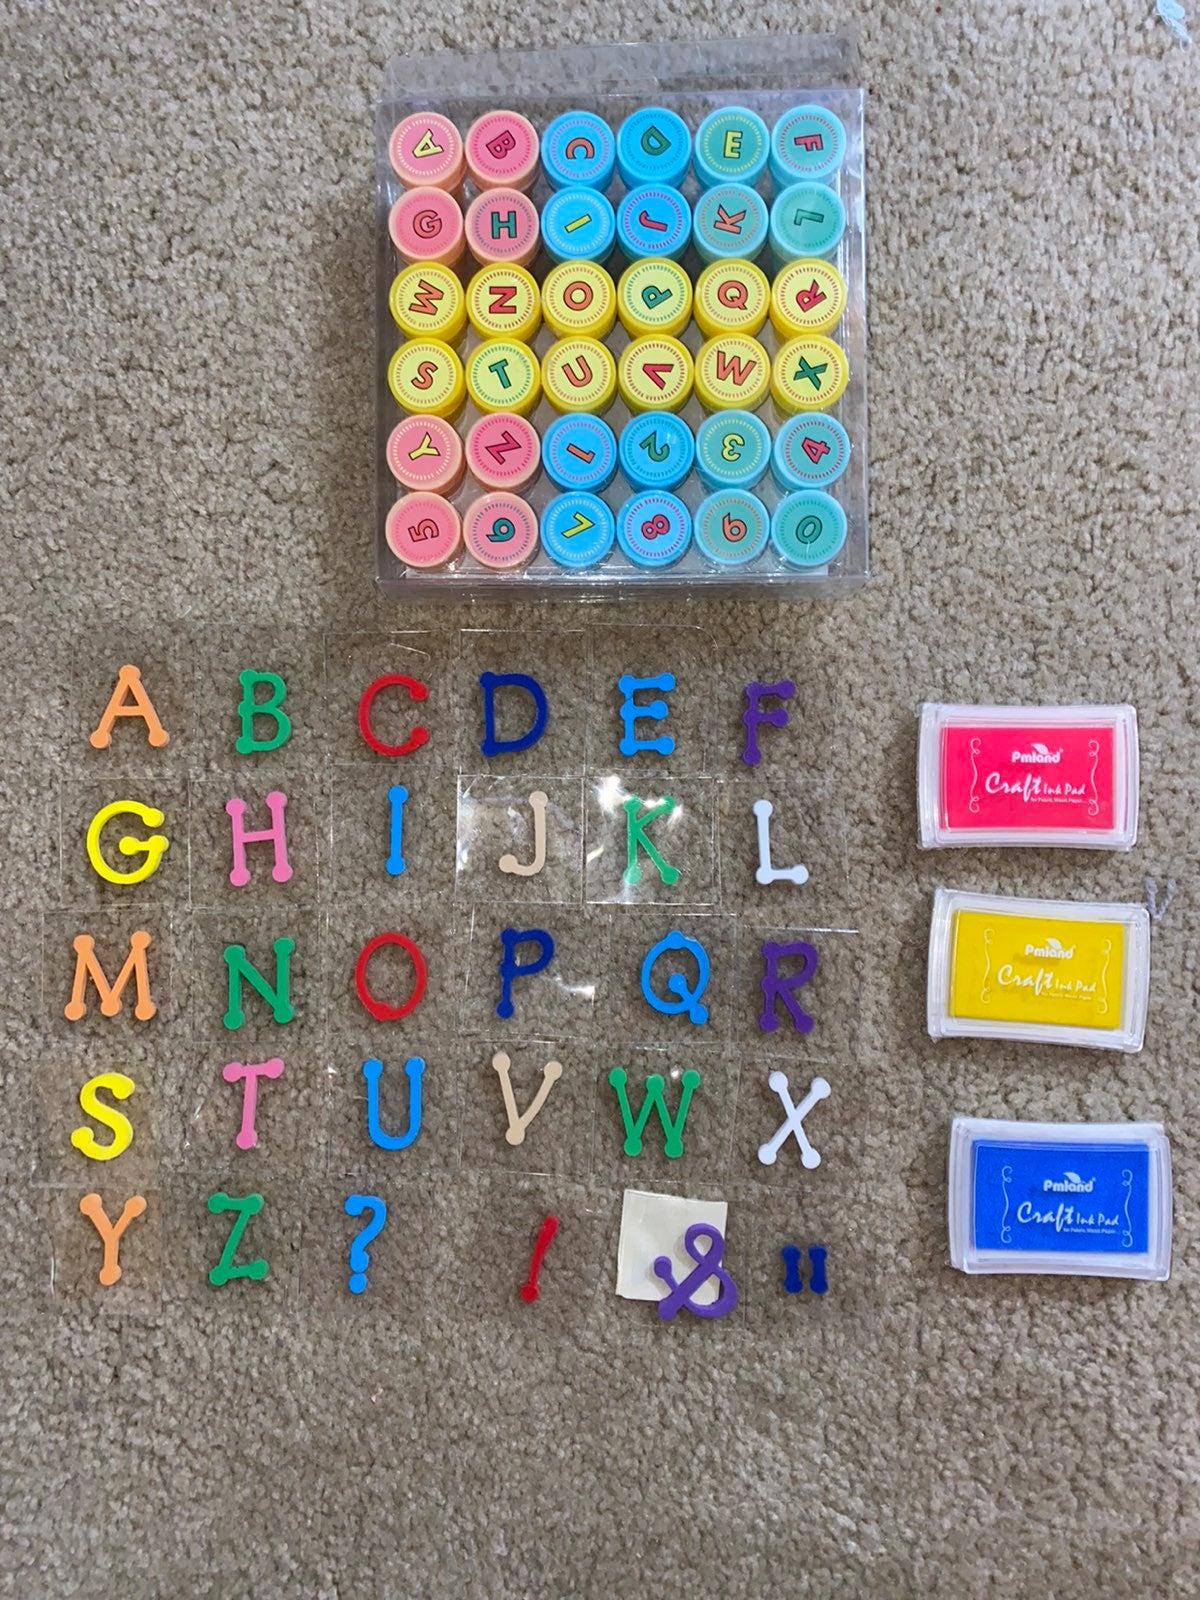 Alphabet abd number stamps ink pads